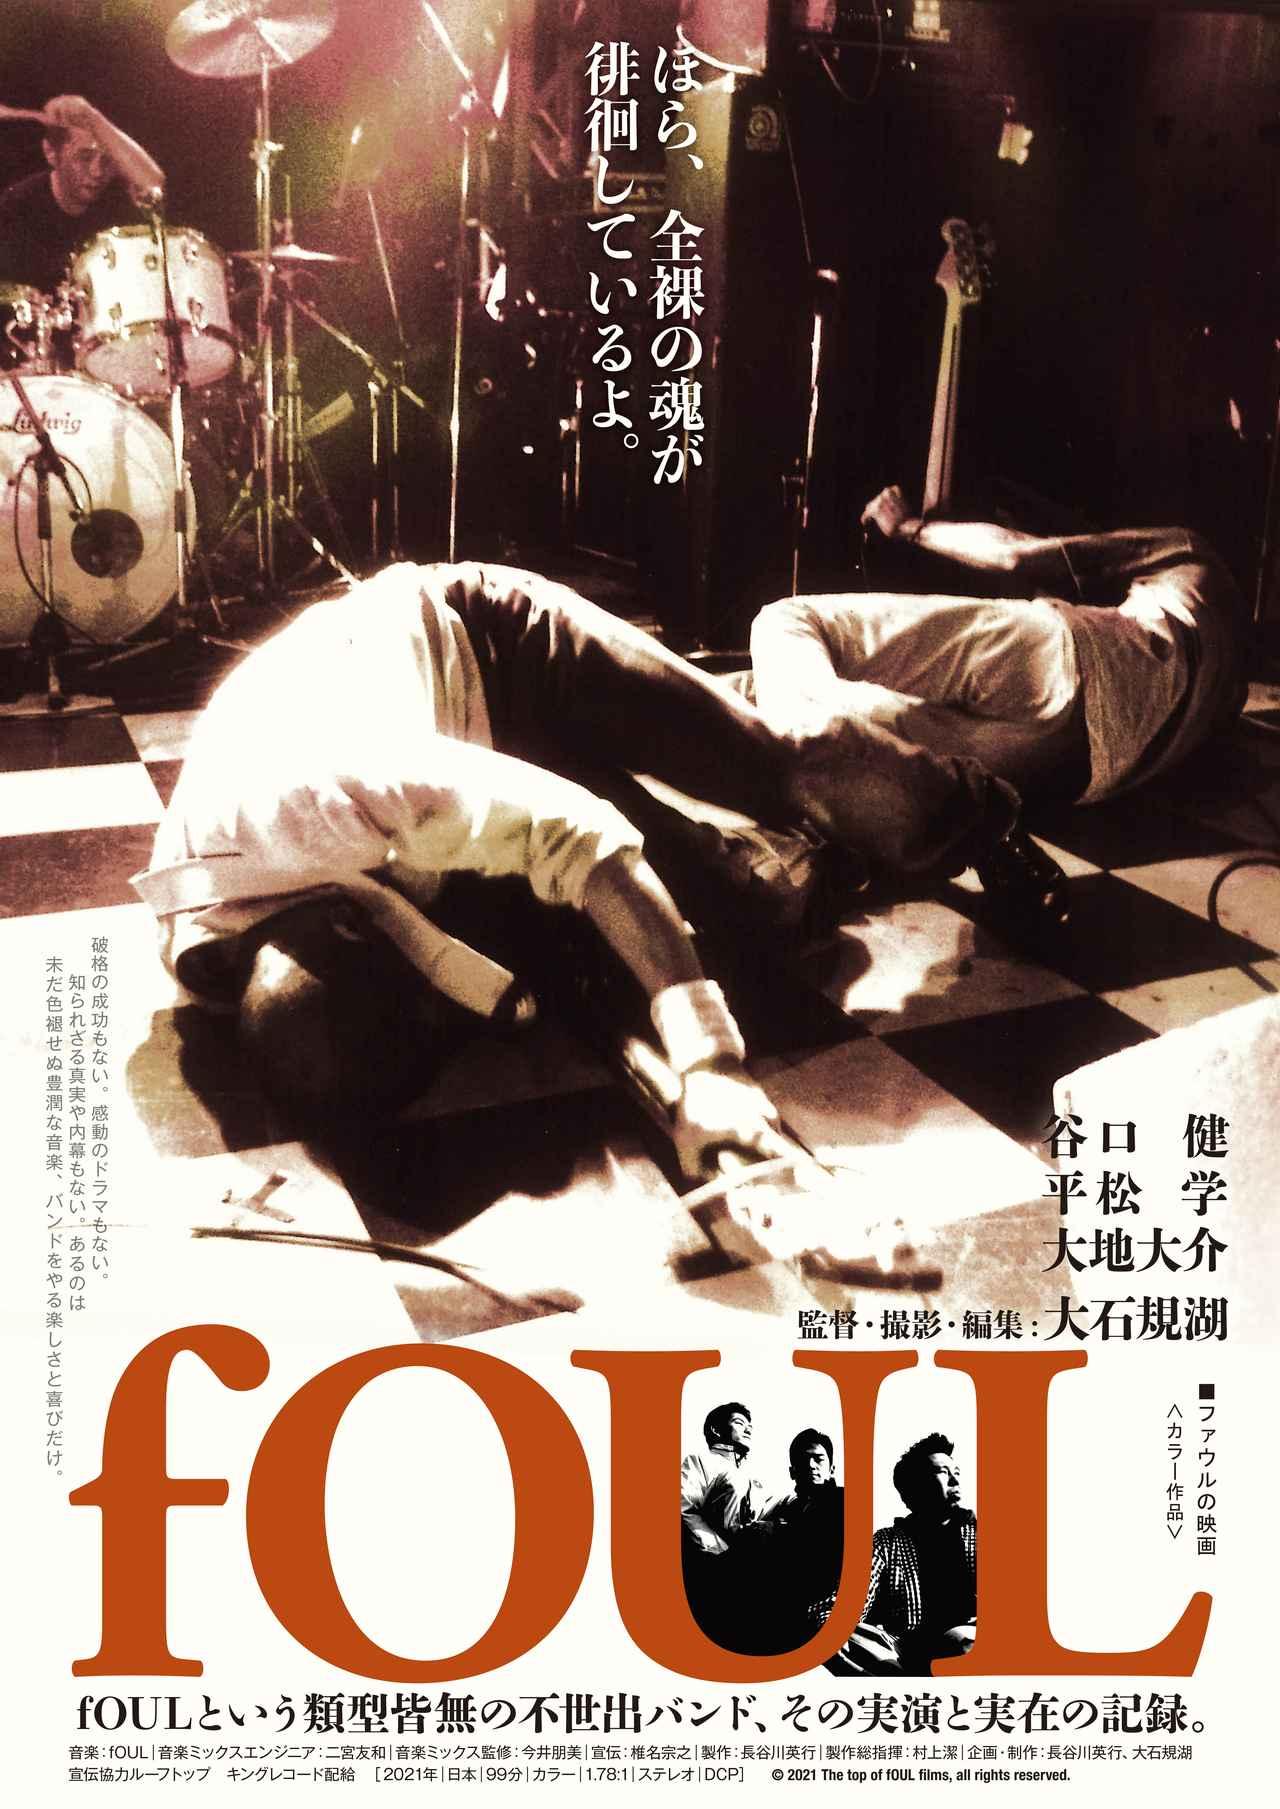 画像3: 【本日19時30分スタート】下北沢SHELTER30周年記念+映画『fOUL』公開記念!無料配信トークライブ緊急開催